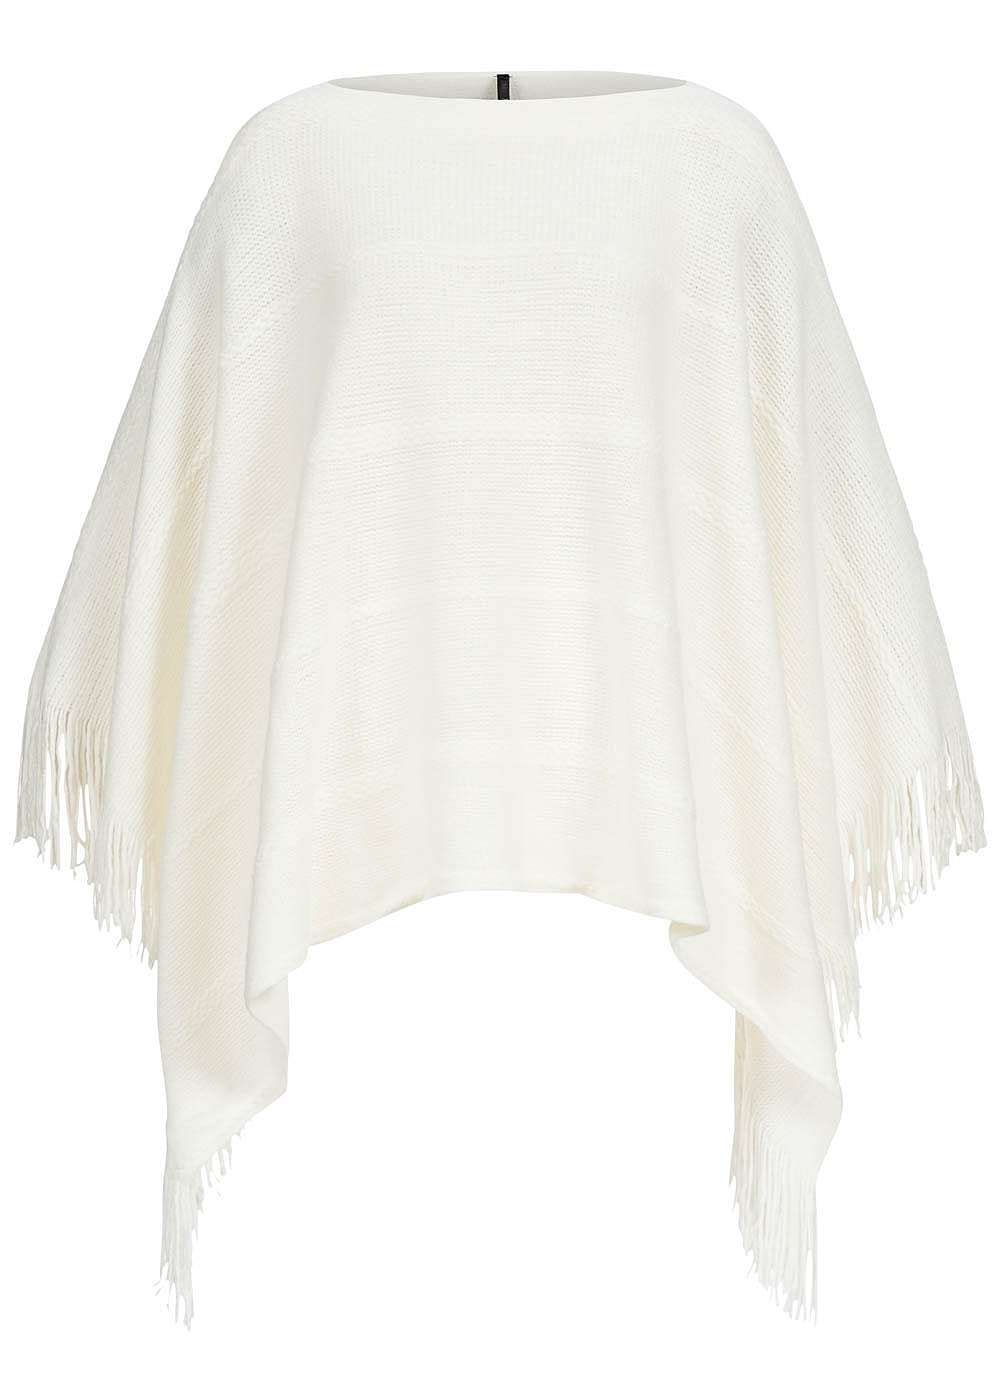 ONLY Damen Strick Poncho Fransen seitlich whitecap gray weiss - 77onlineshop